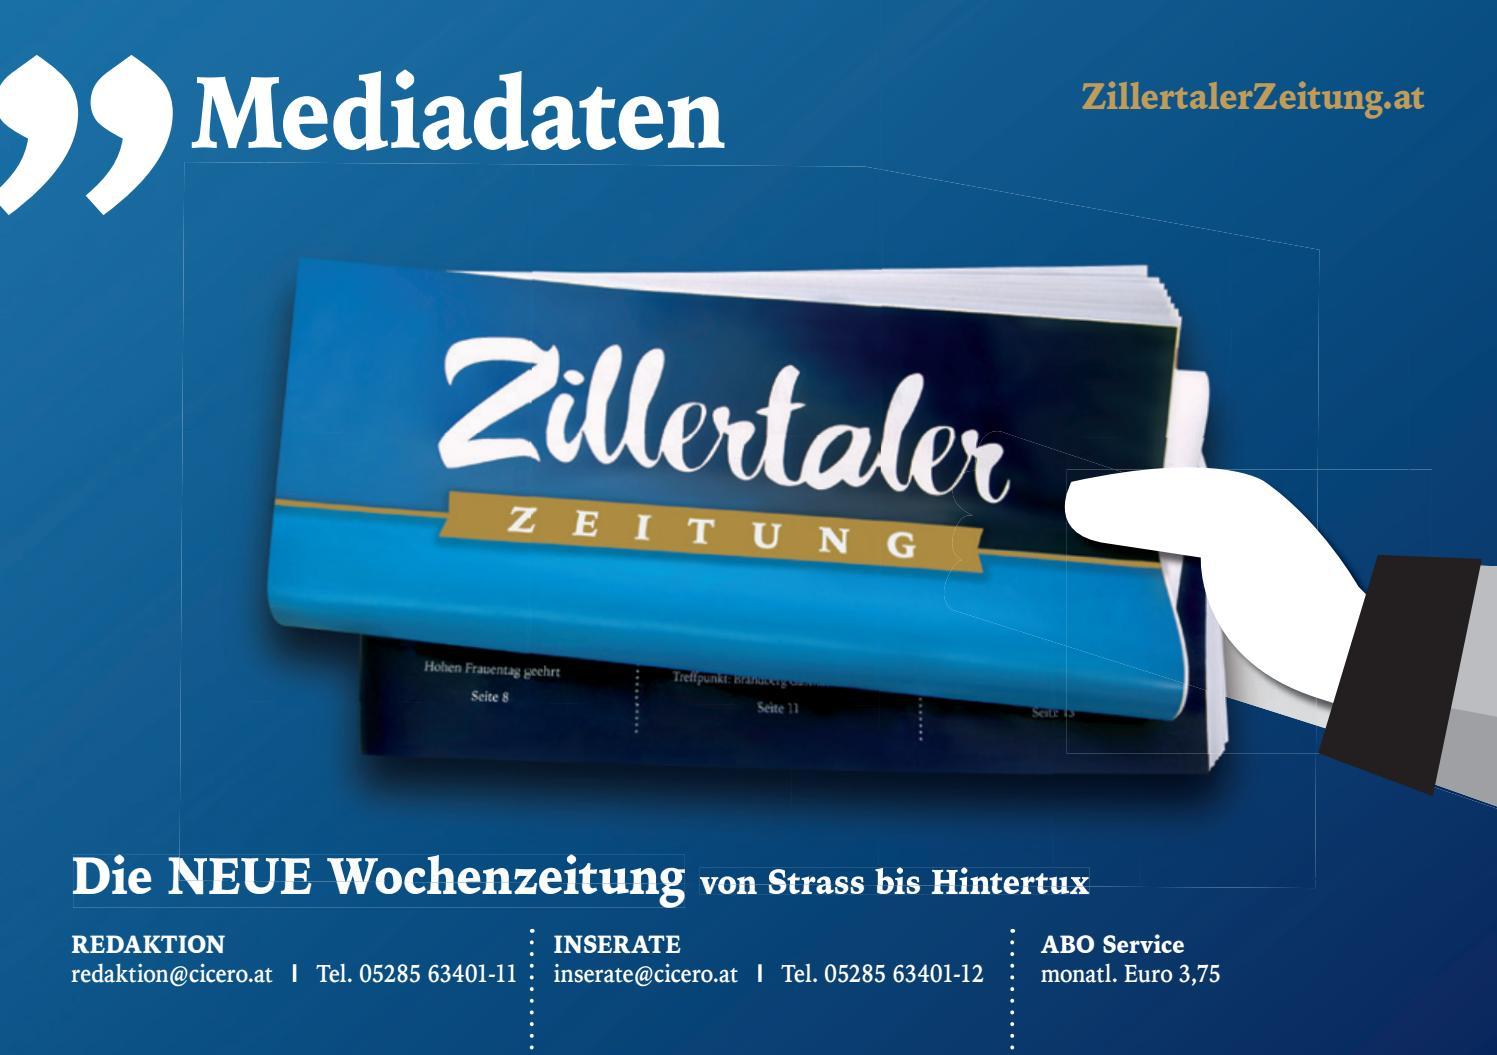 Zillertaler Zeitung